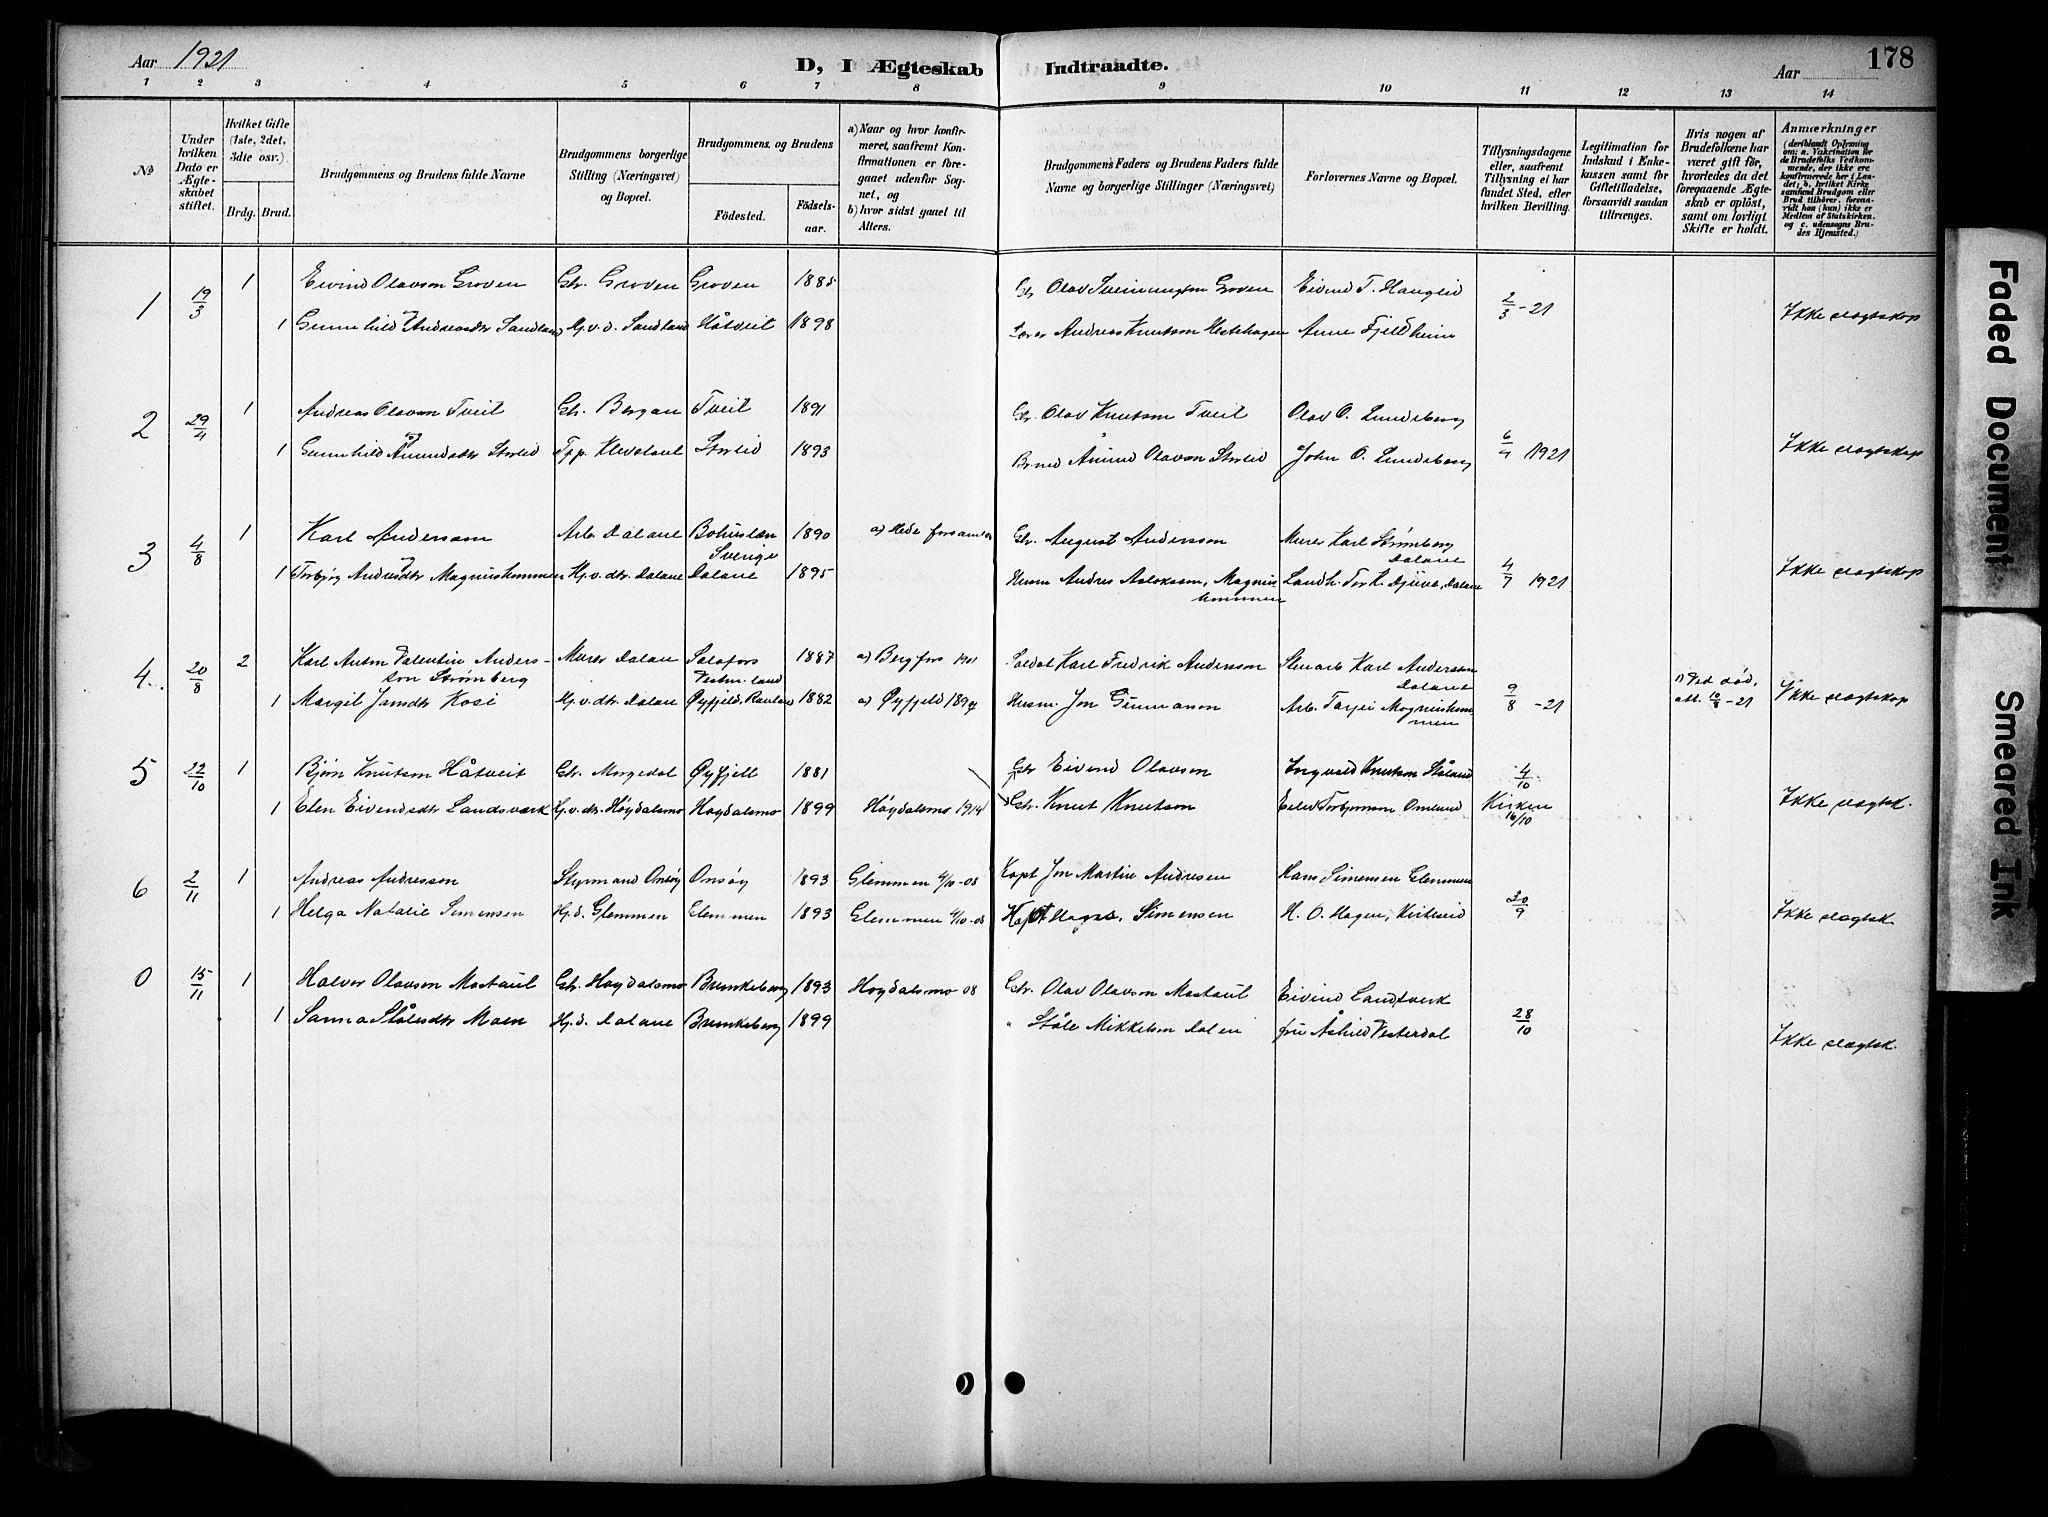 SAKO, Kviteseid kirkebøker, G/Gb/L0003: Klokkerbok nr. II 3, 1893-1933, s. 178